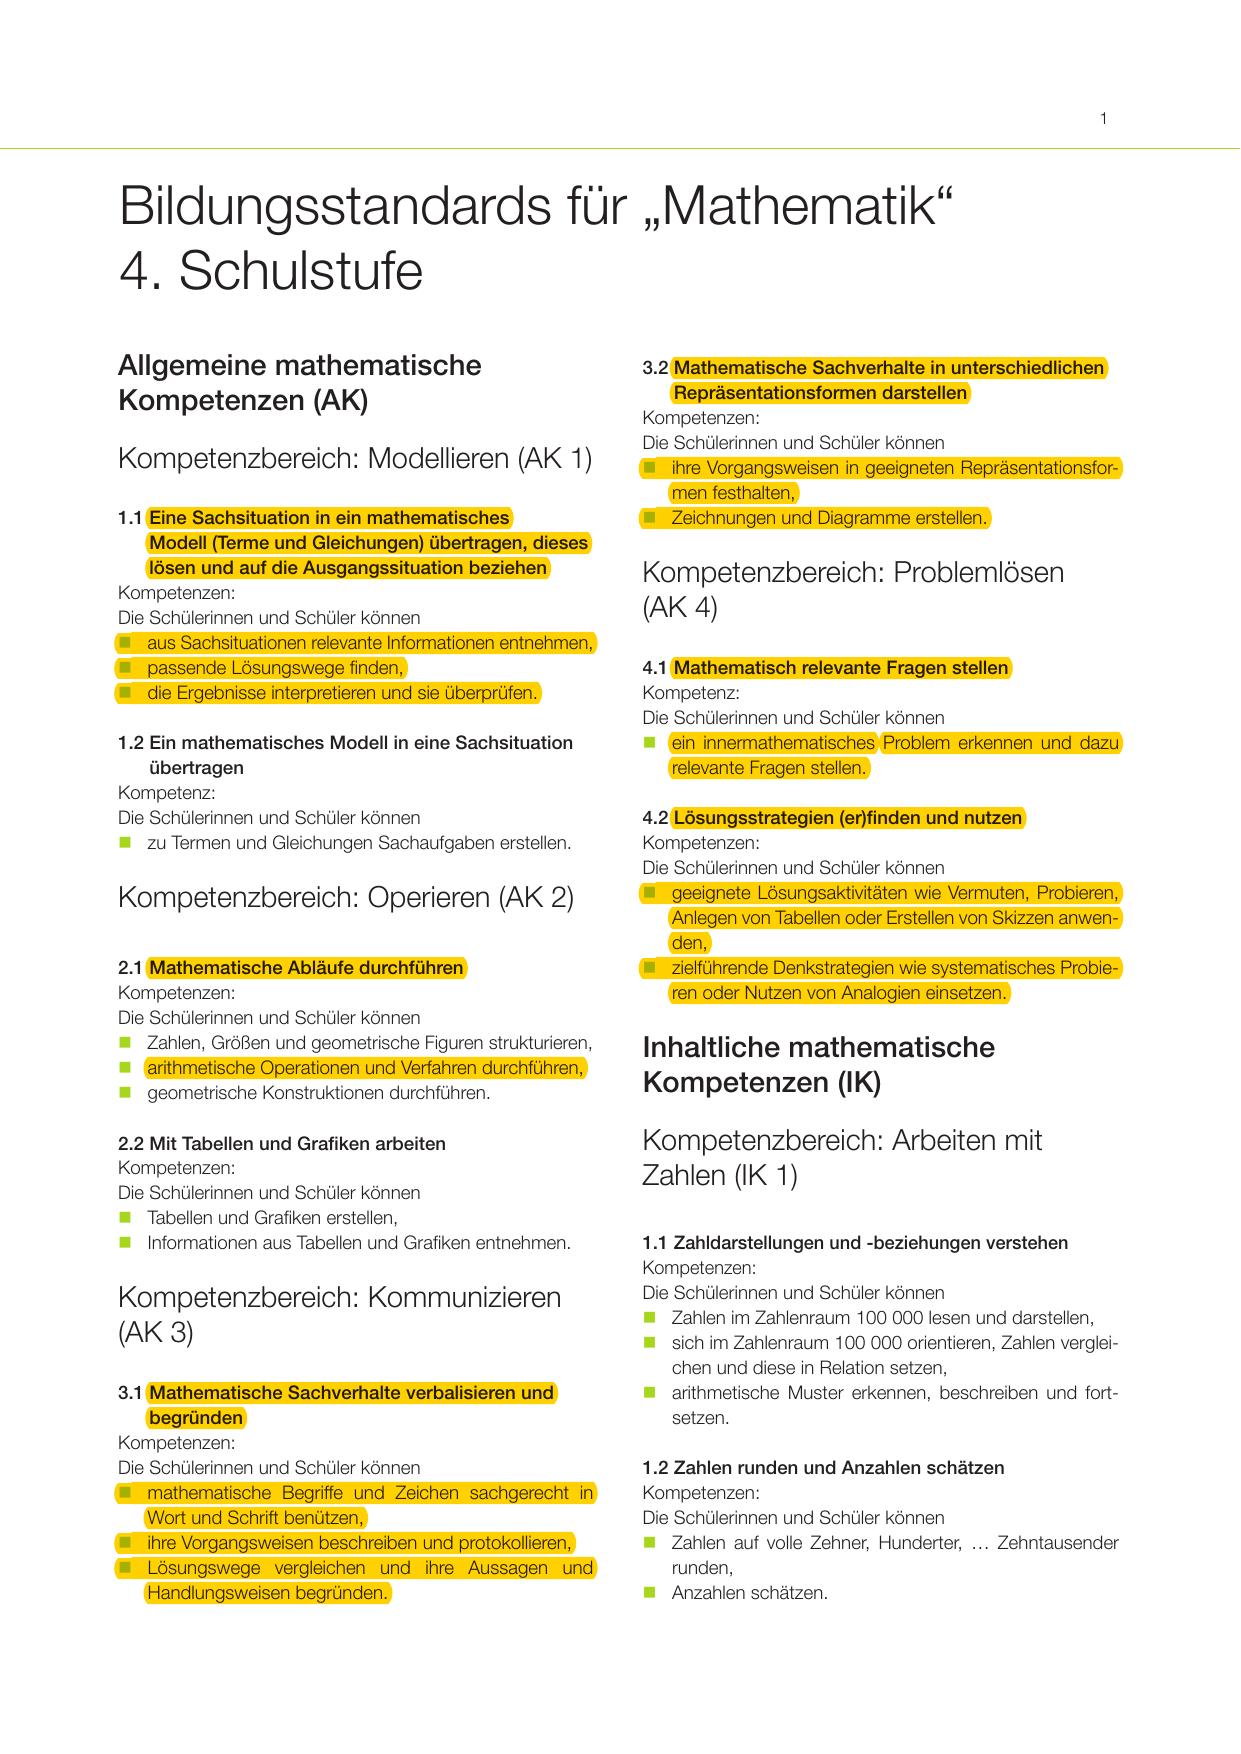 Schön Wort Probleme Einer Tabelle 2Klasse Ideen - Mathe Arbeitsblatt ...